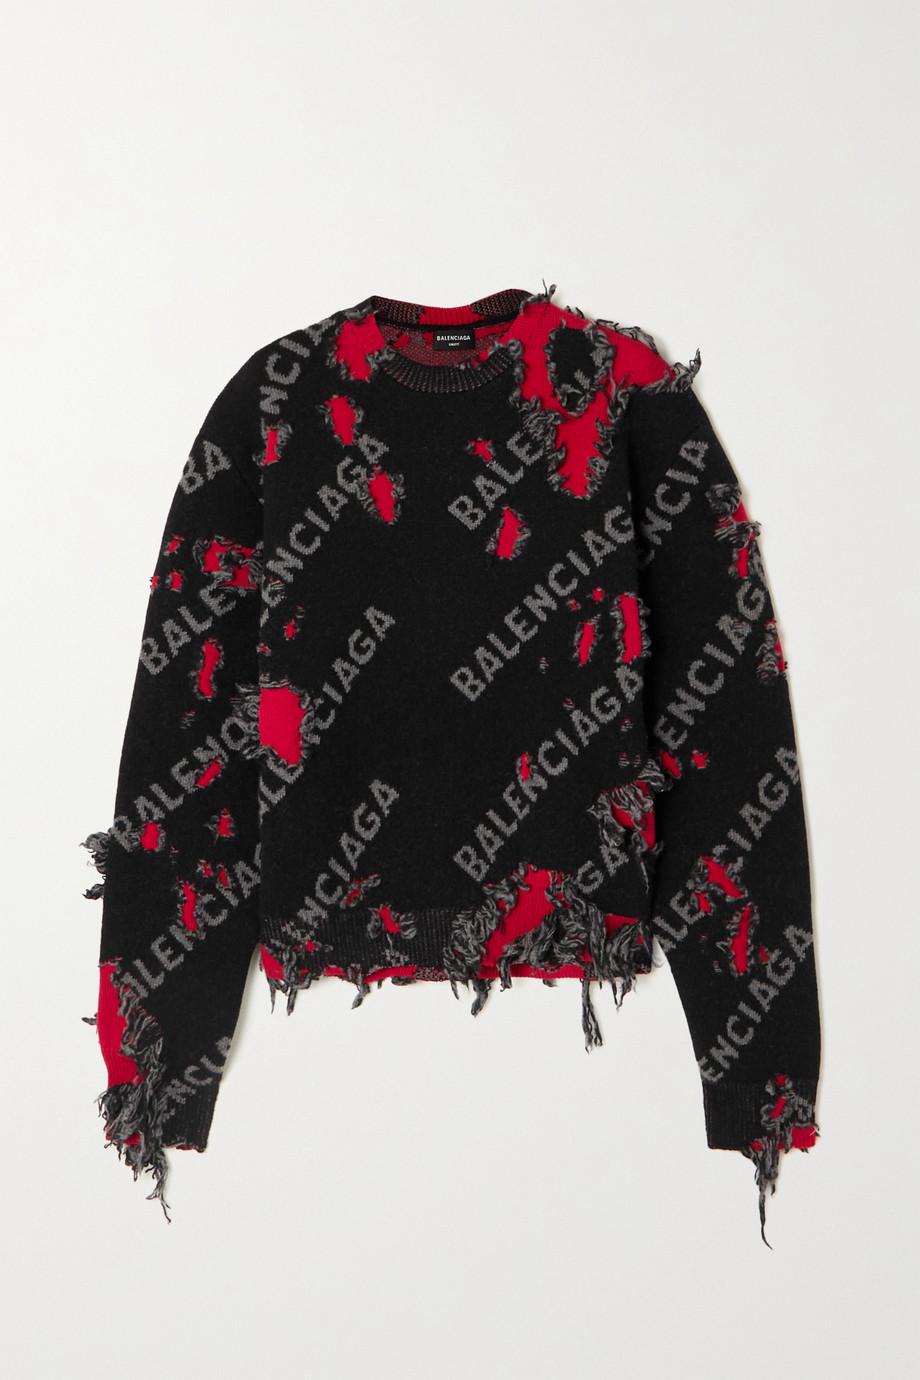 Balenciaga Verkürzter Pullover aus einer Wollmischung mit Intarsienmuster in Distressed-Optik